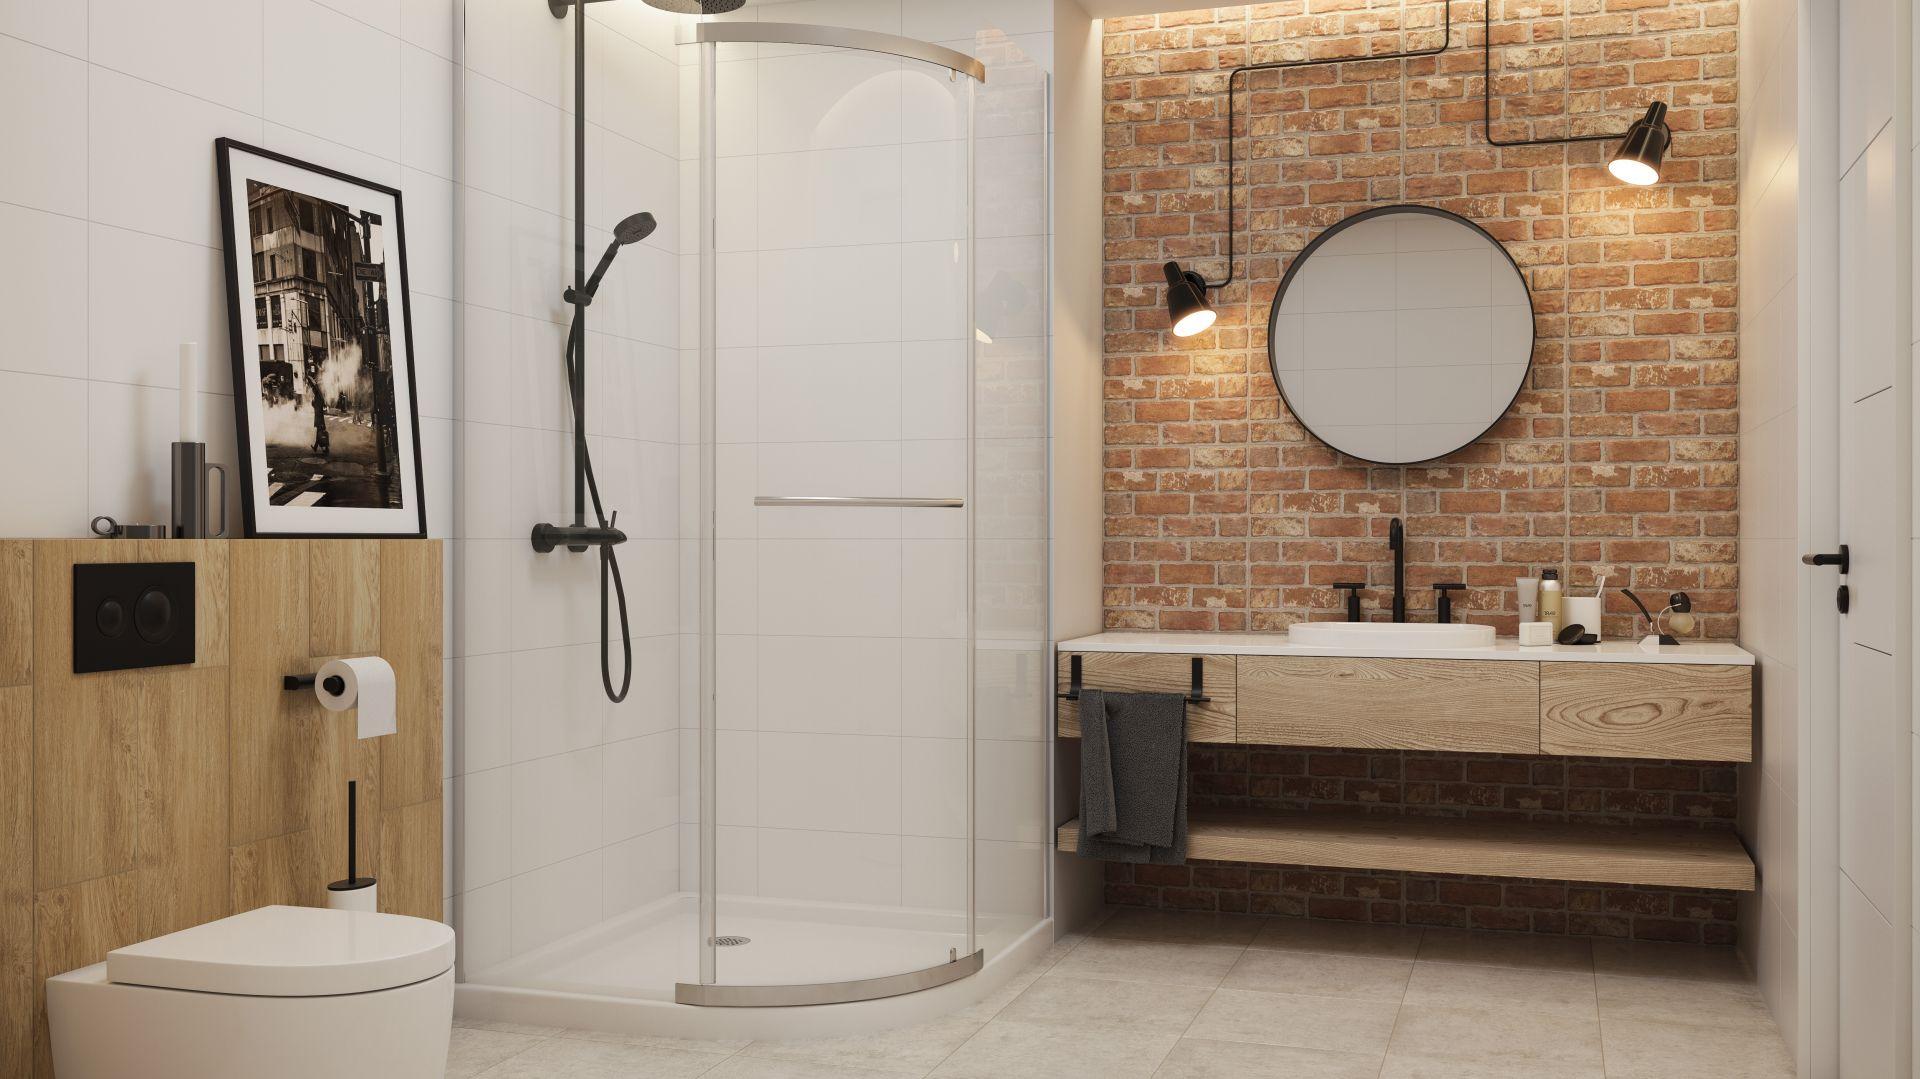 Pomysł na aranżację łazienki w stylu loft. Na zdjęciu płytki z kolekcji Loft marki Paradyż. Fot. Ceramika Paradyż